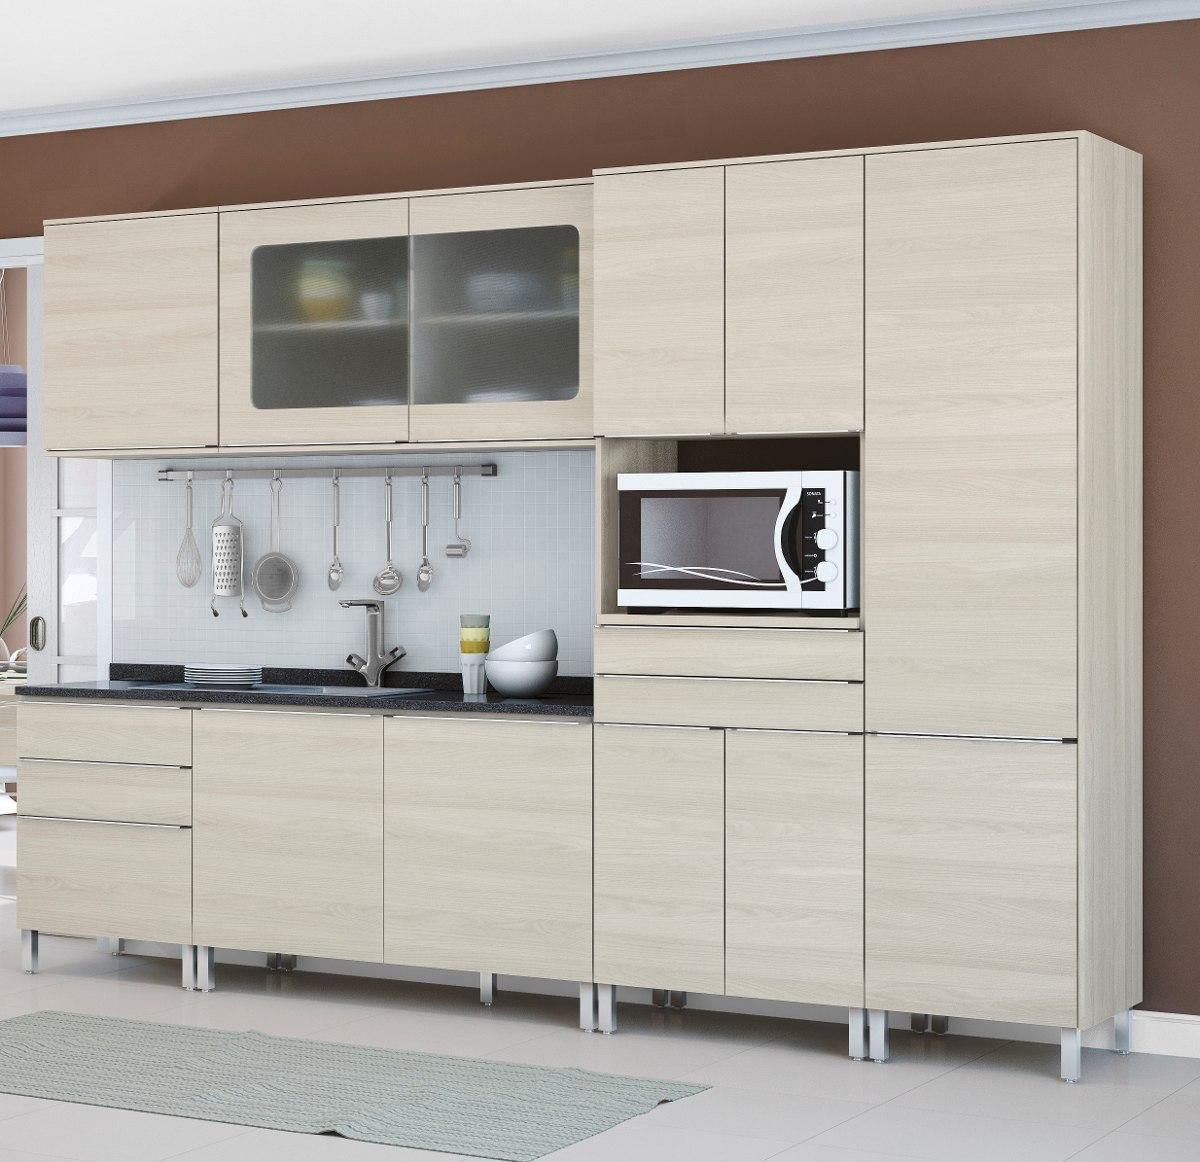 Artesanato Rede Vida ~ Jogo Cozinha Paneleiro Balc u00e3o Armário 6 Peças Kappesberg